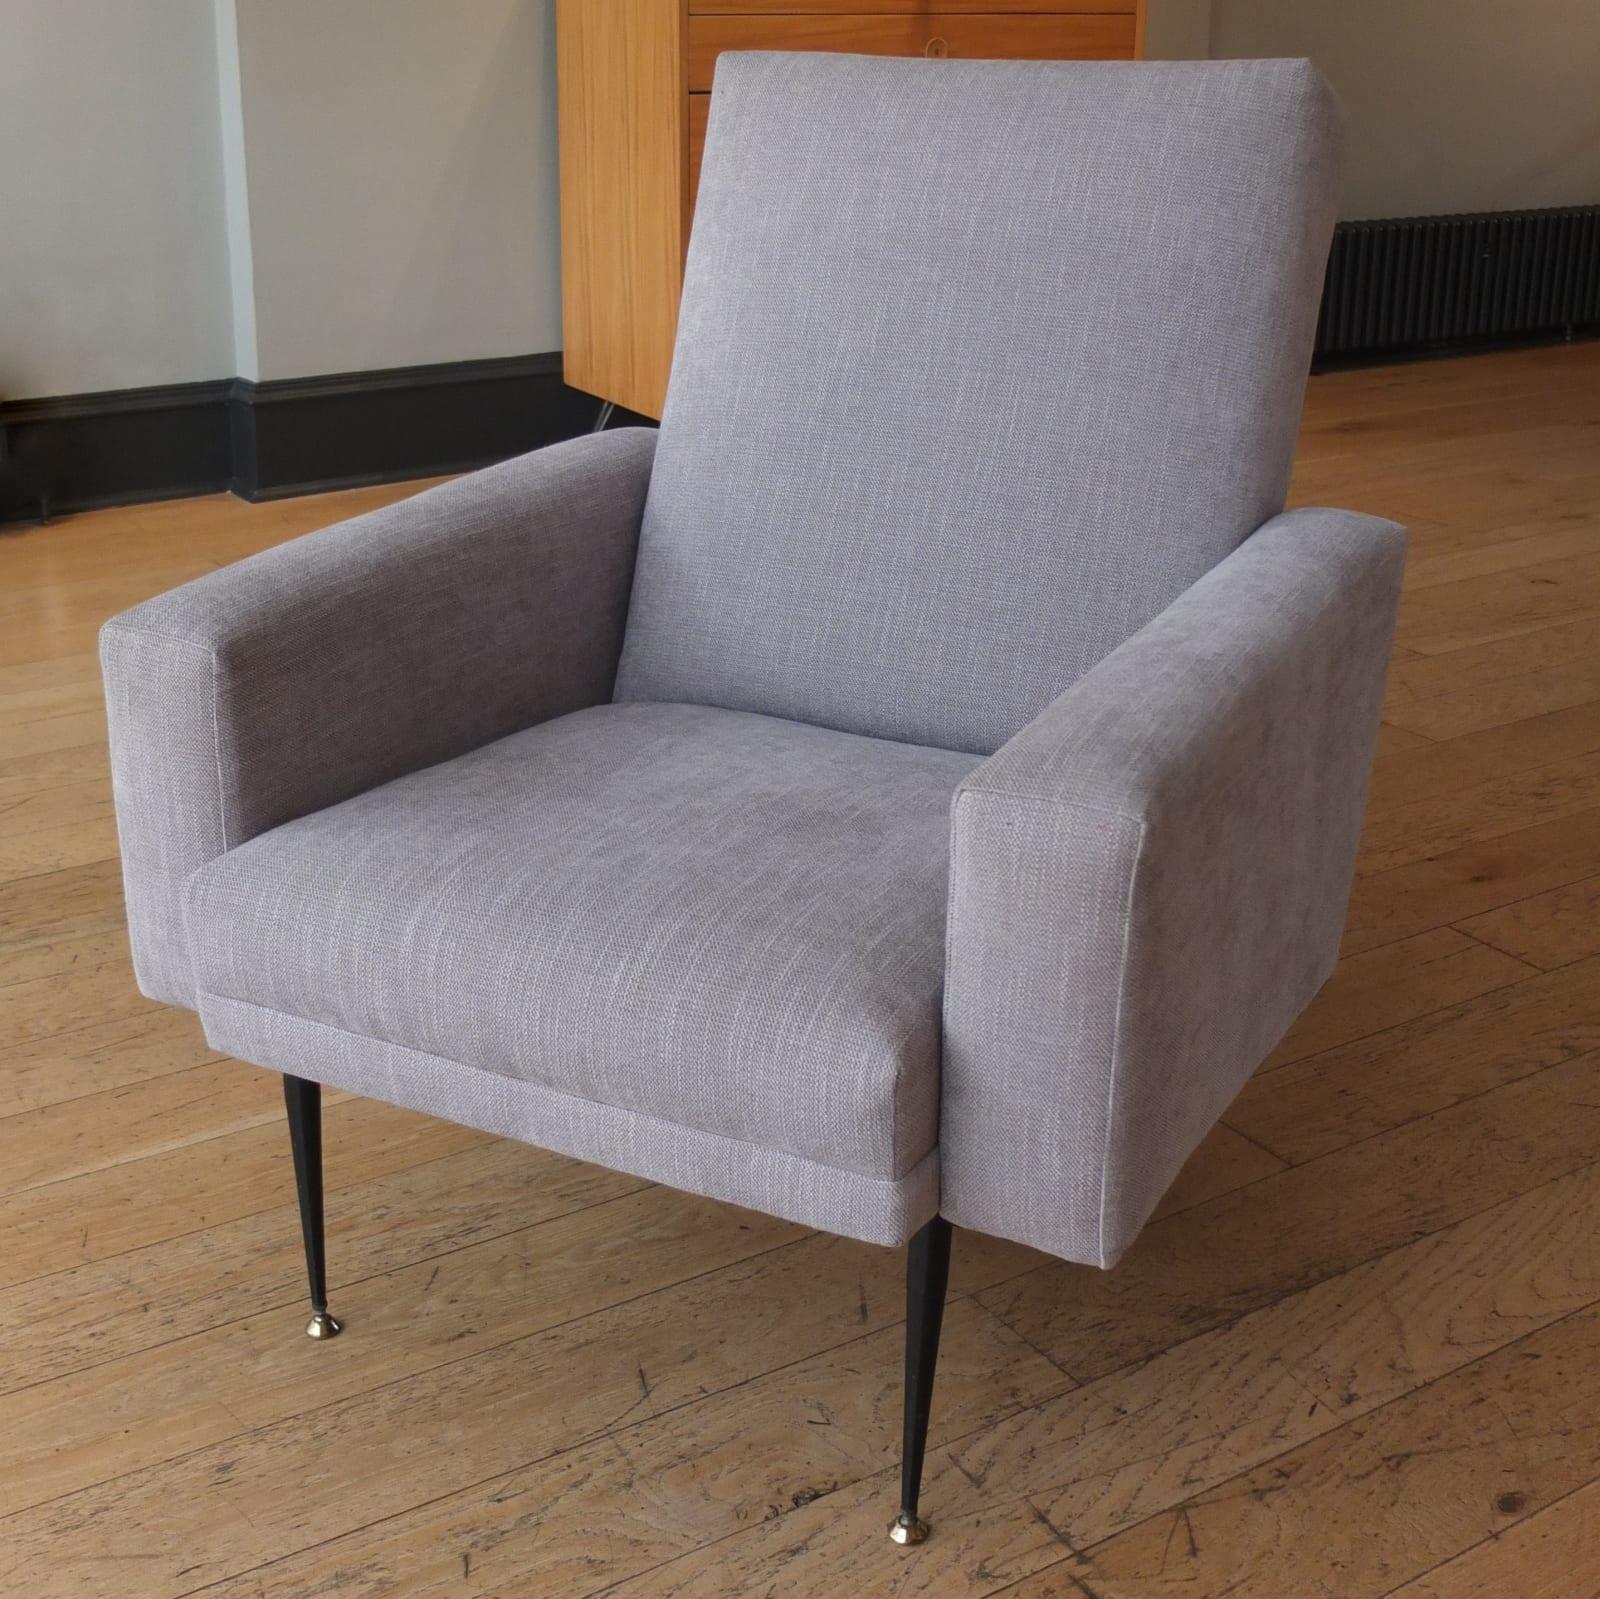 Italian pair of mid-century armchairs, 1950s